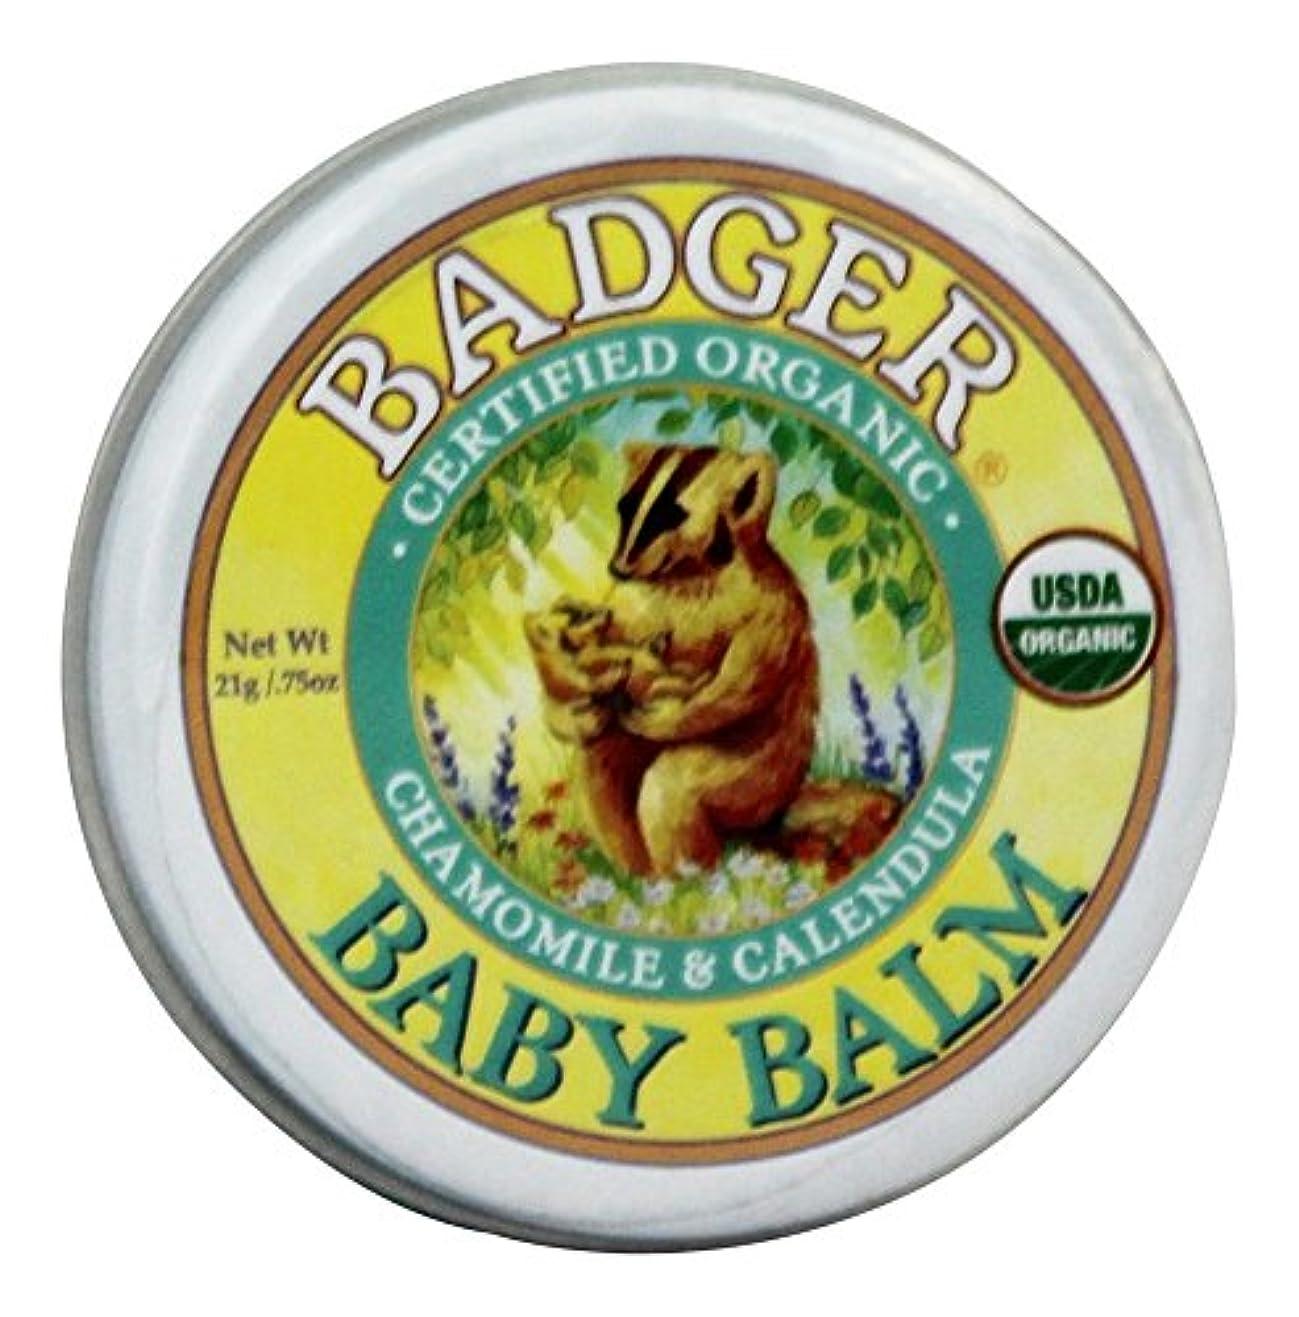 正確な話会計士Badger - 赤ん坊の香油のChamomile及びCalendula - 0.75ポンド [並行輸入品]